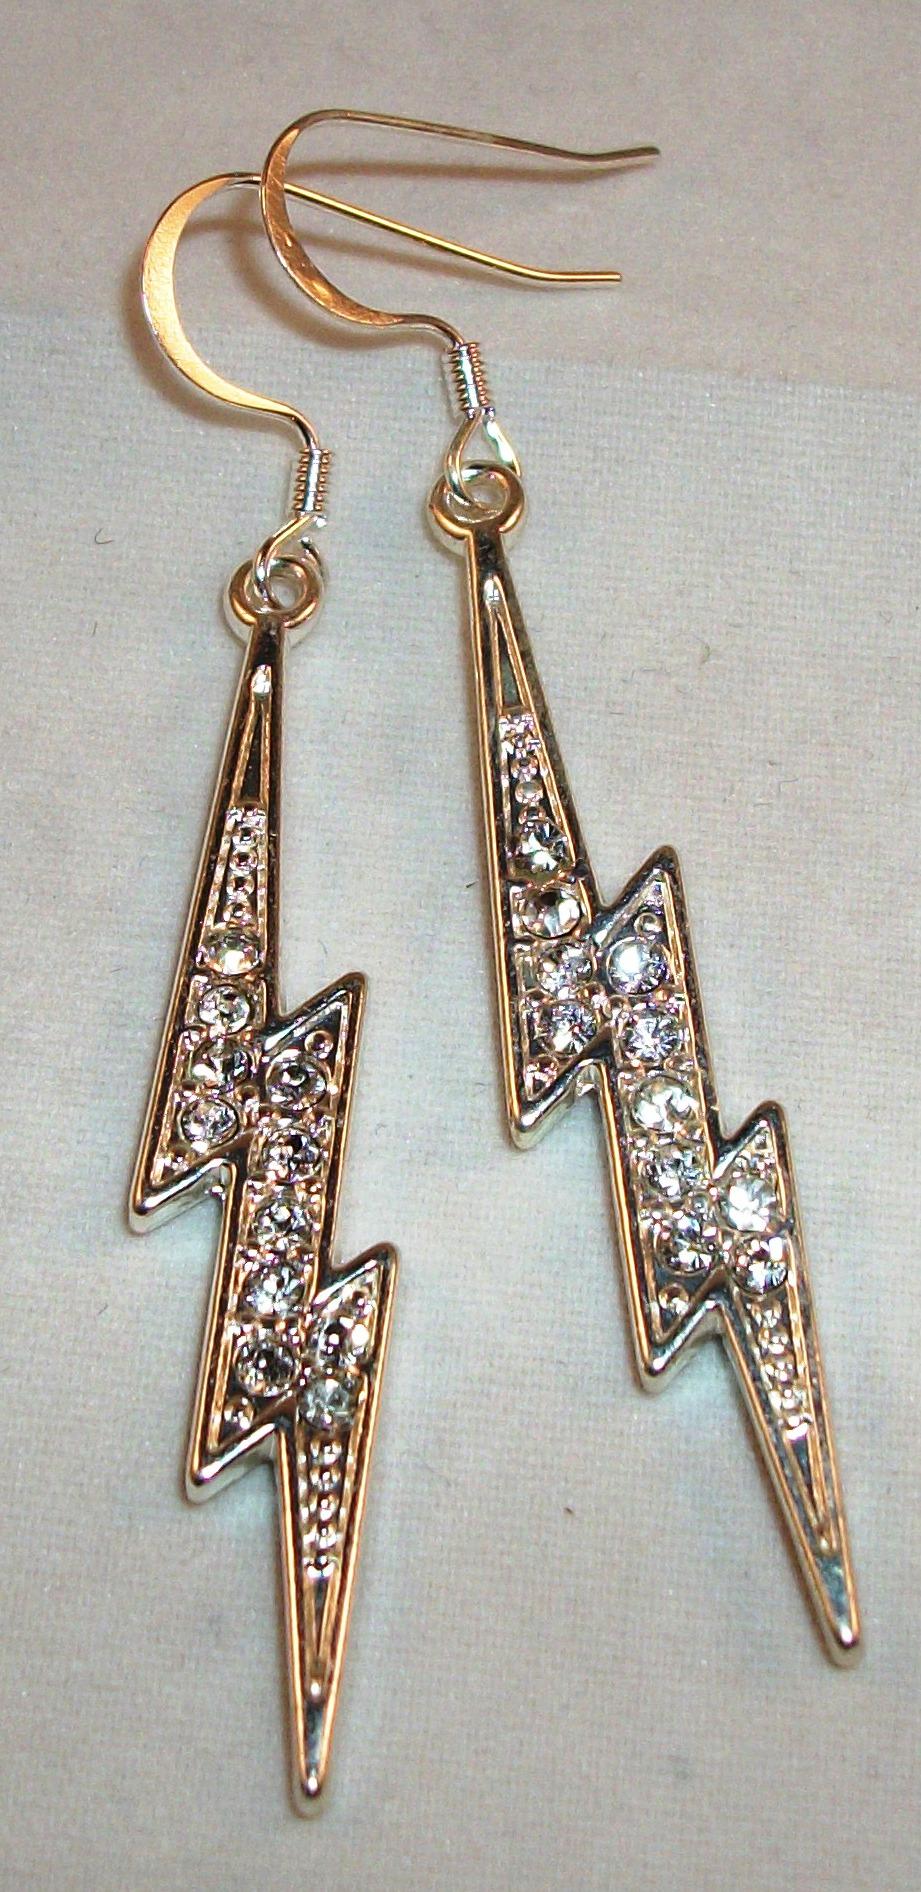 l_ightening_bolt_earrings_earrings_2.jpg